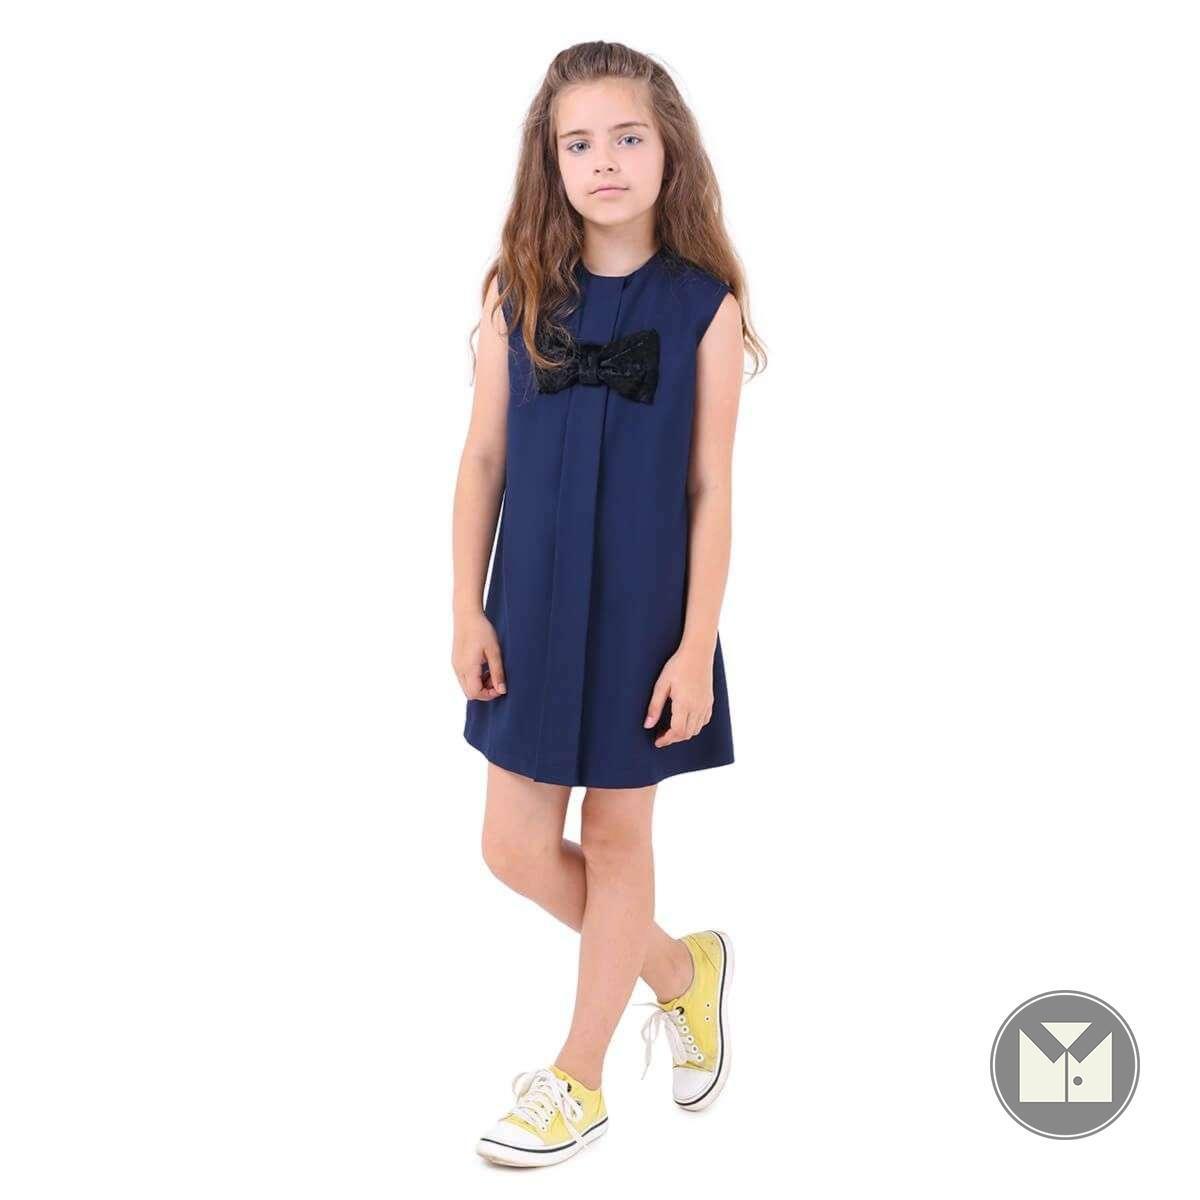 Сарафан MANNY (синий) 6-12 лет